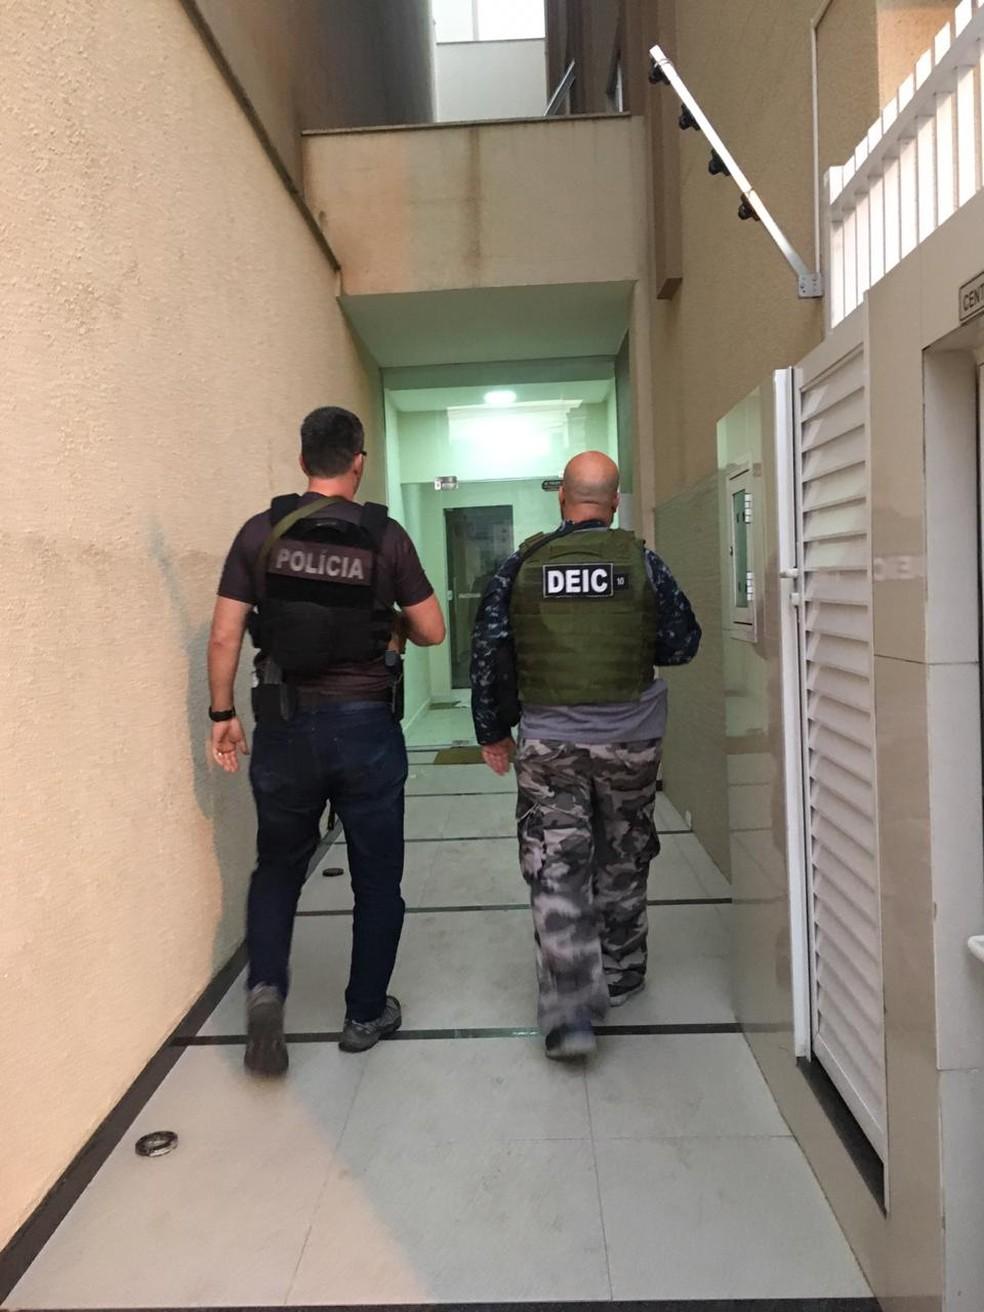 Policiais cumprem mandados judiciais na Operação Argamassa — Foto: Polícia Civil/Divulgação